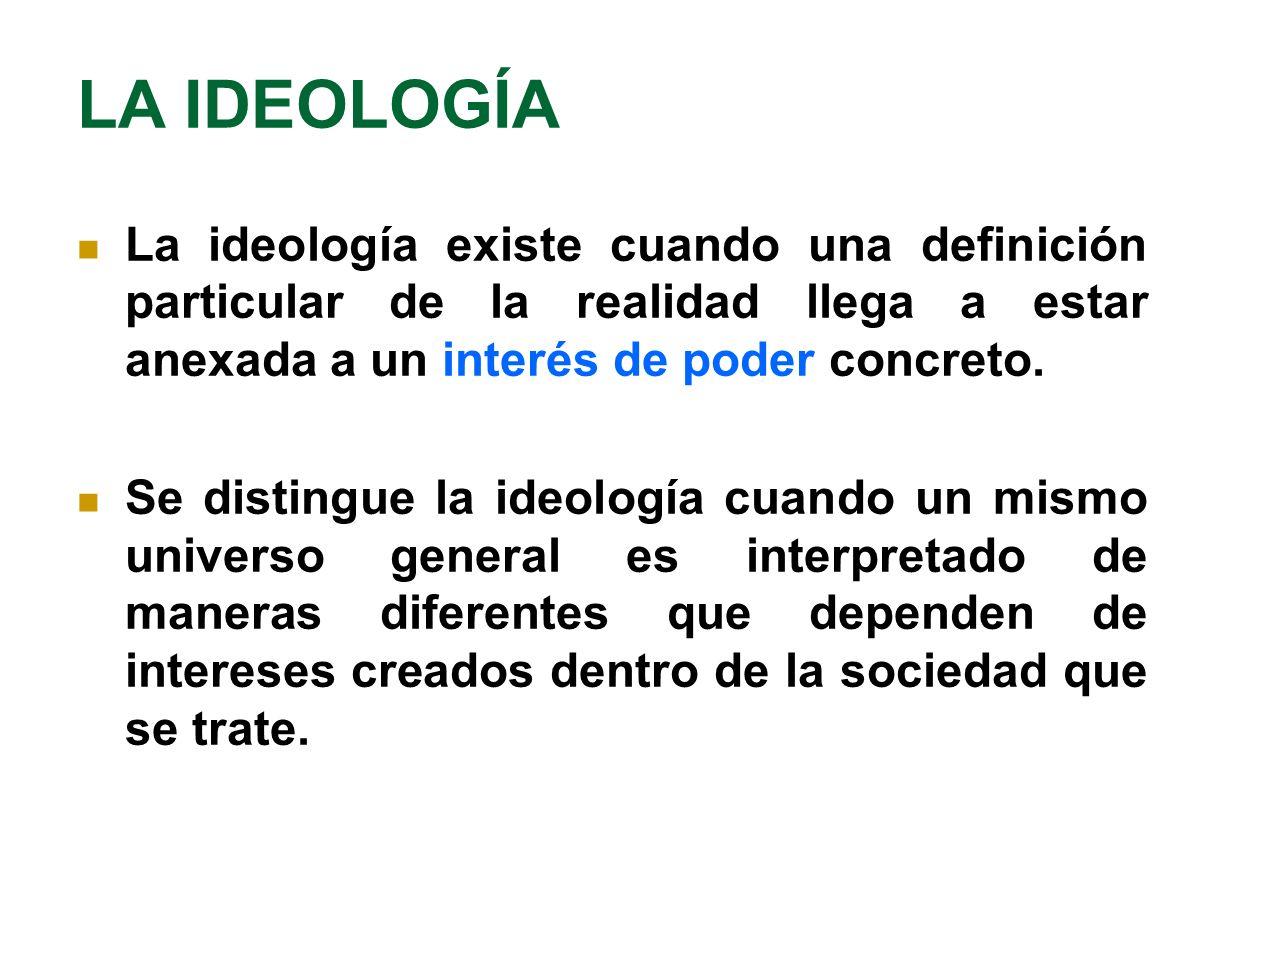 LA IDEOLOGÍA La ideología existe cuando una definición particular de la realidad llega a estar anexada a un interés de poder concreto. Se distingue la